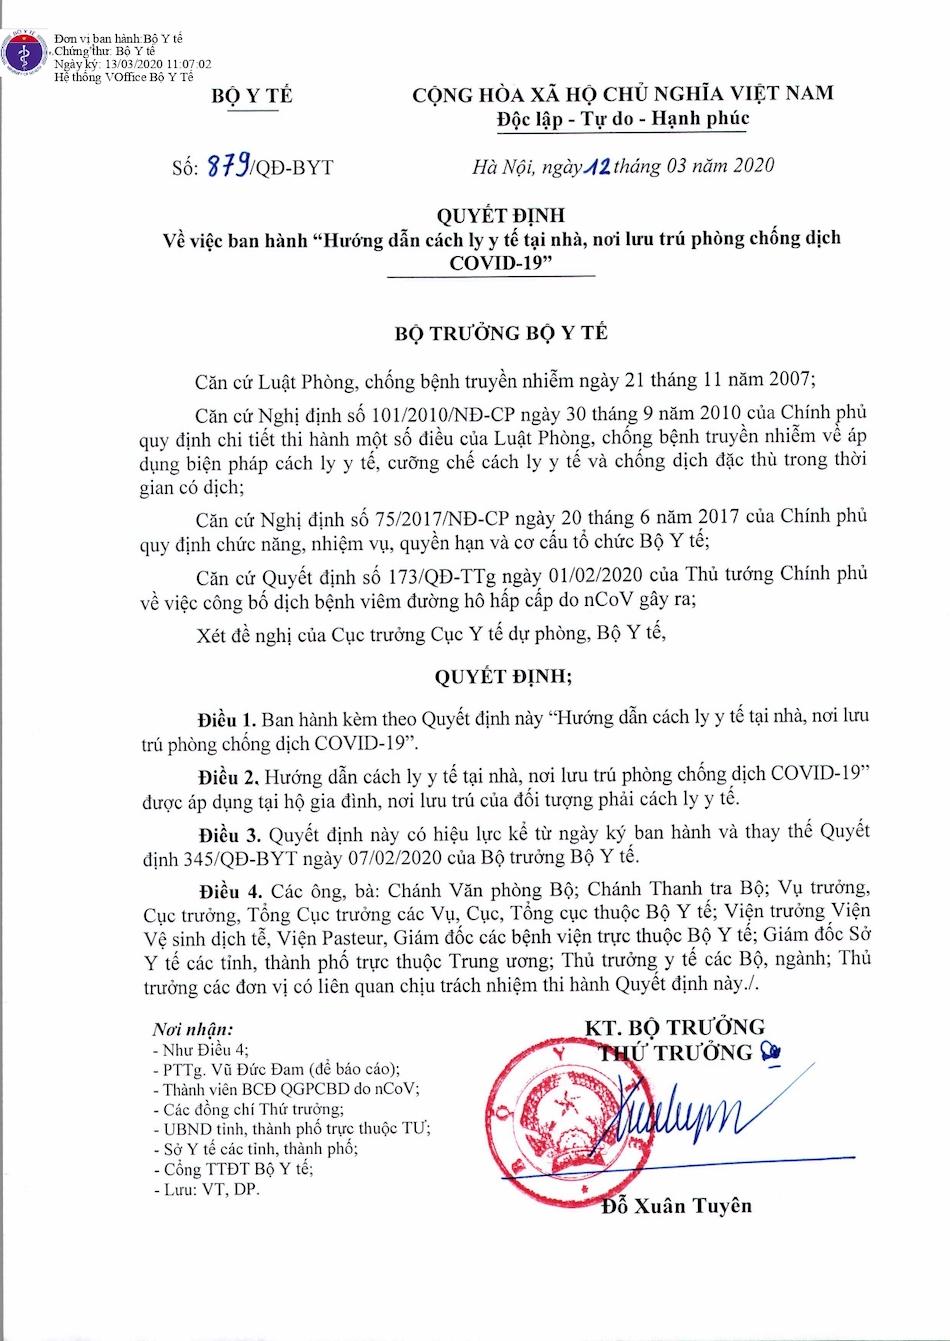 QD 879, 2020 BYT cach ly tai nha de phong chong COVID 19_page-0001